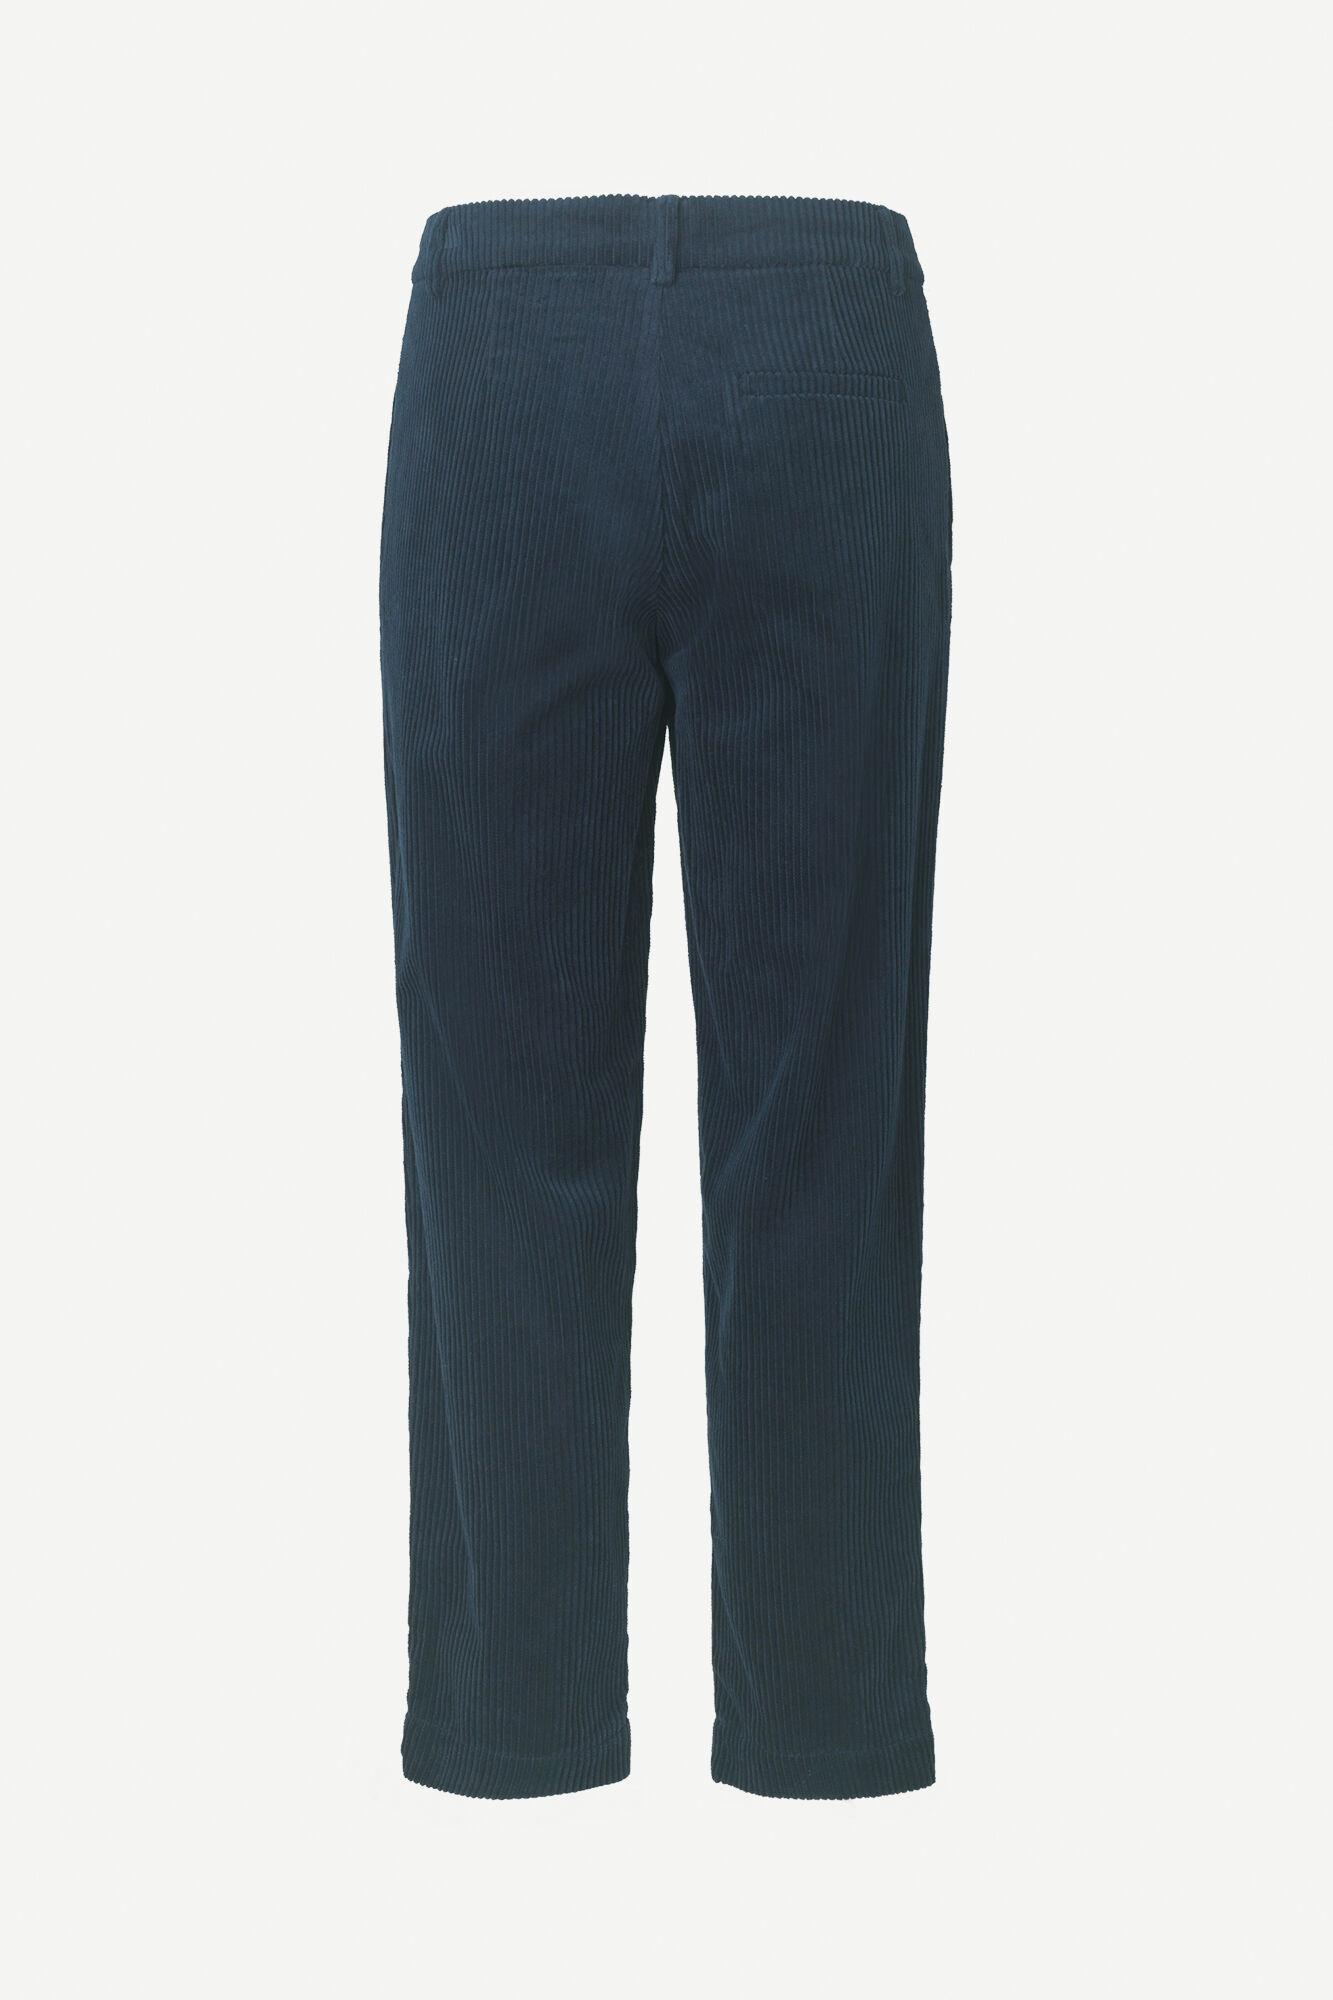 Julianna pants 10198